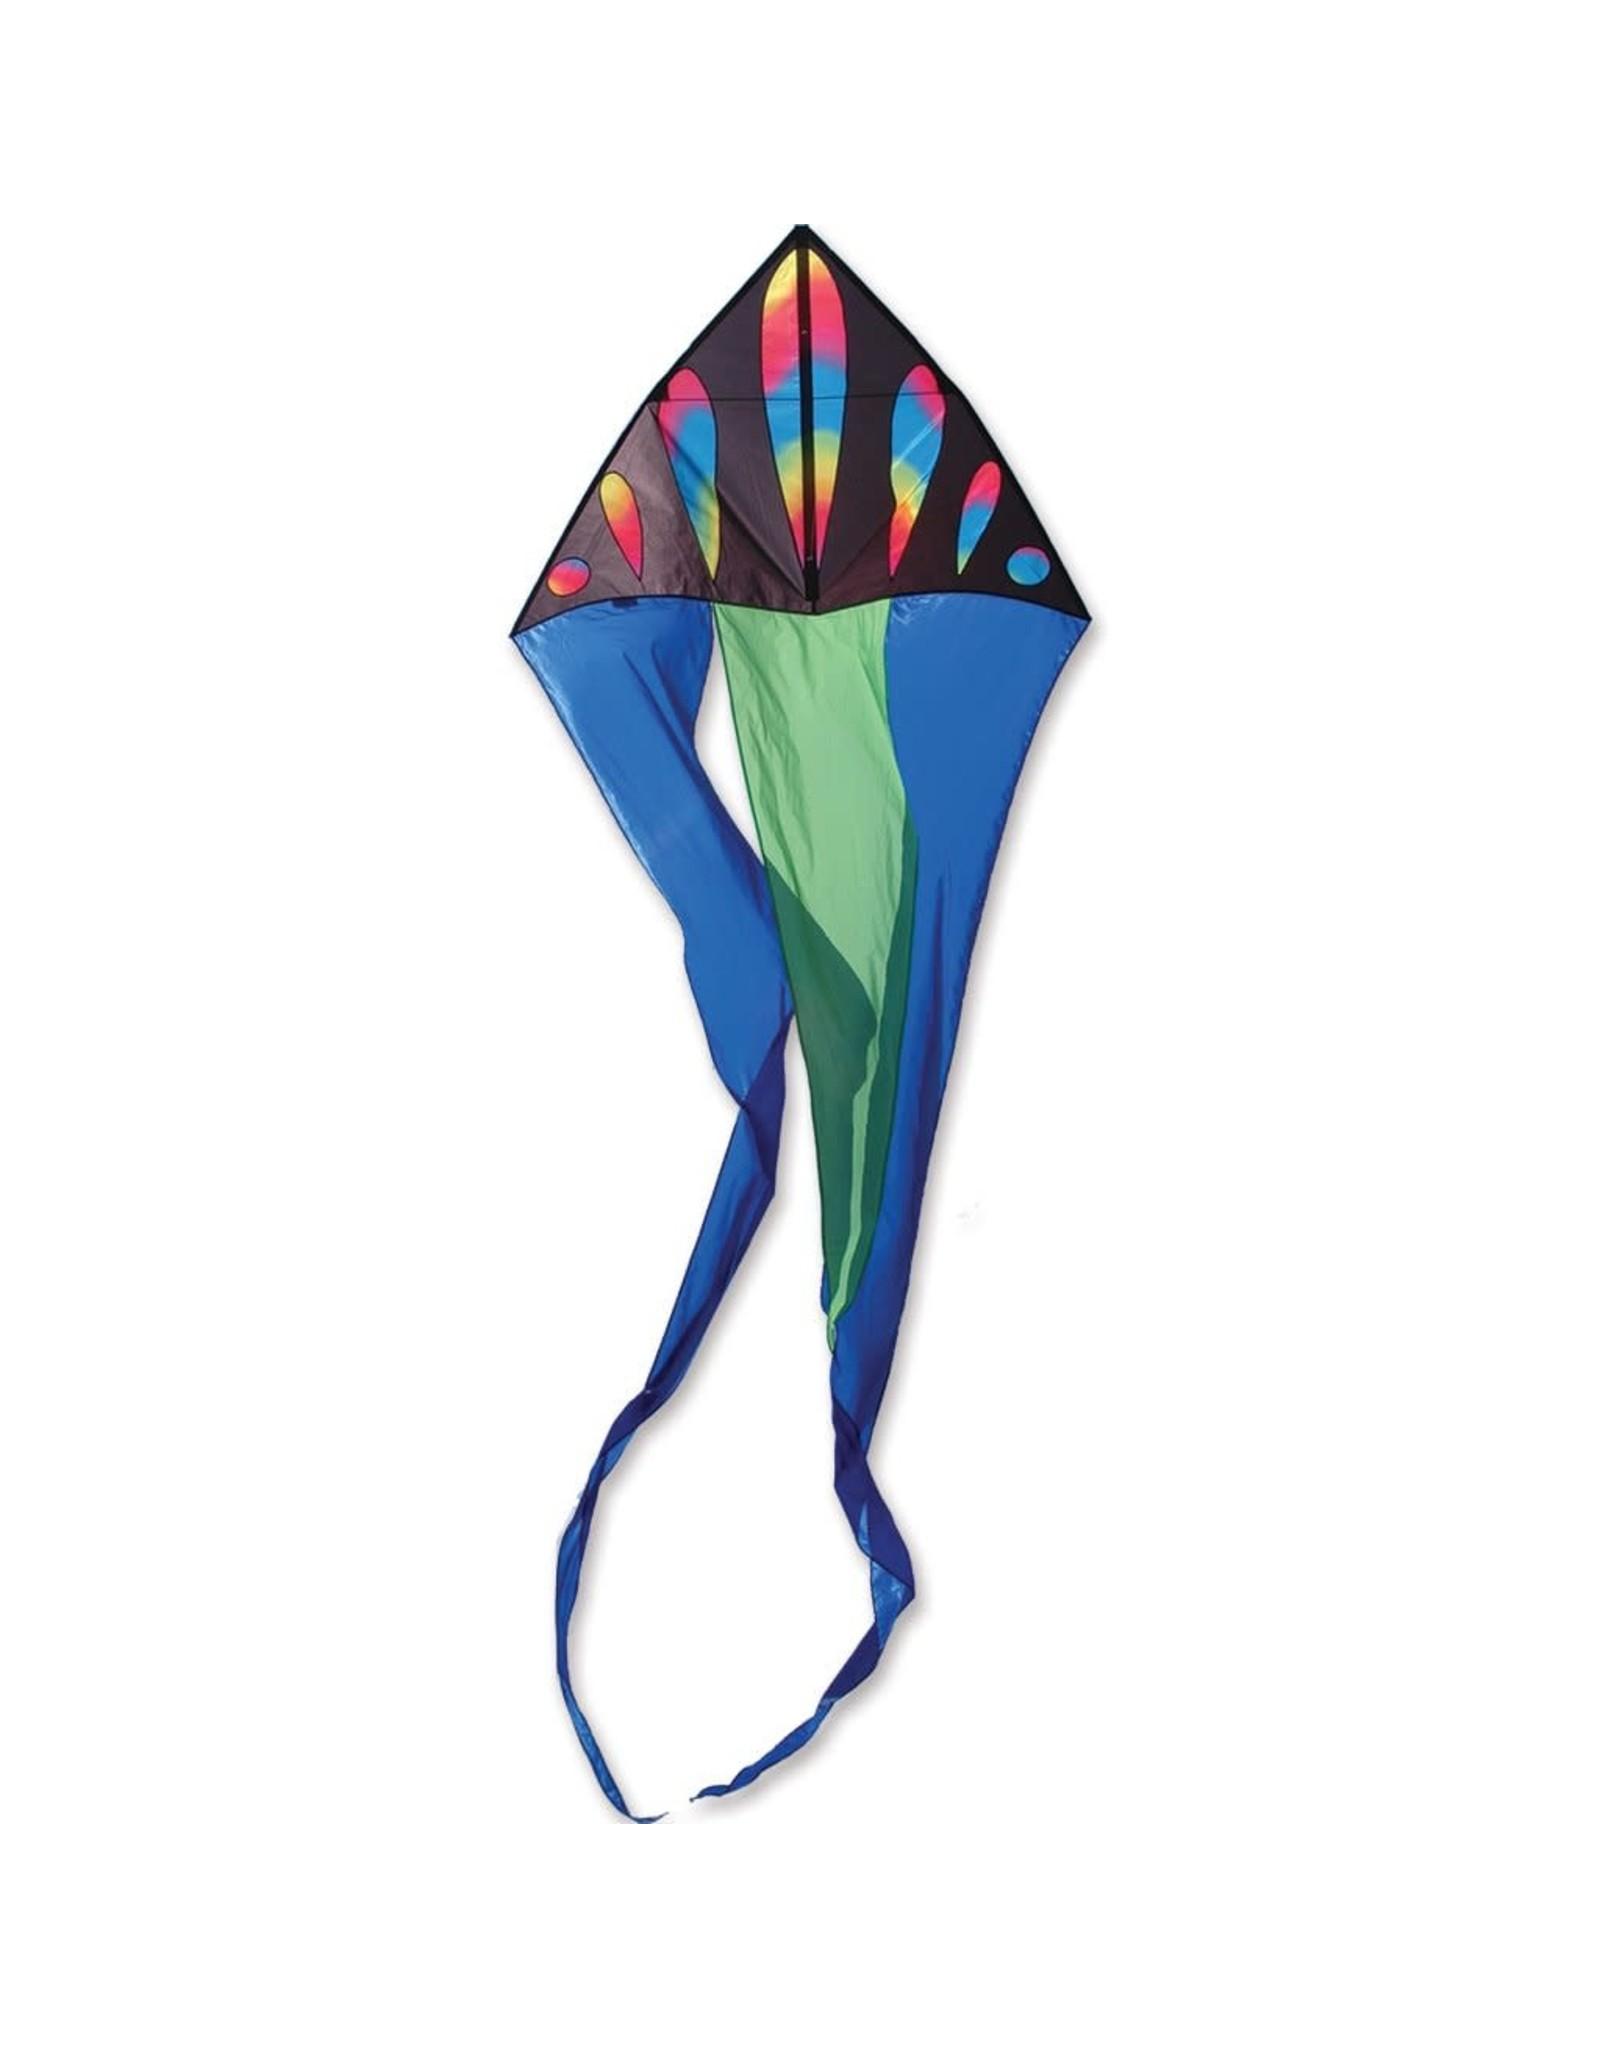 Premier Kites 56 in. Flo-Tail Kite, Wavy Bullets